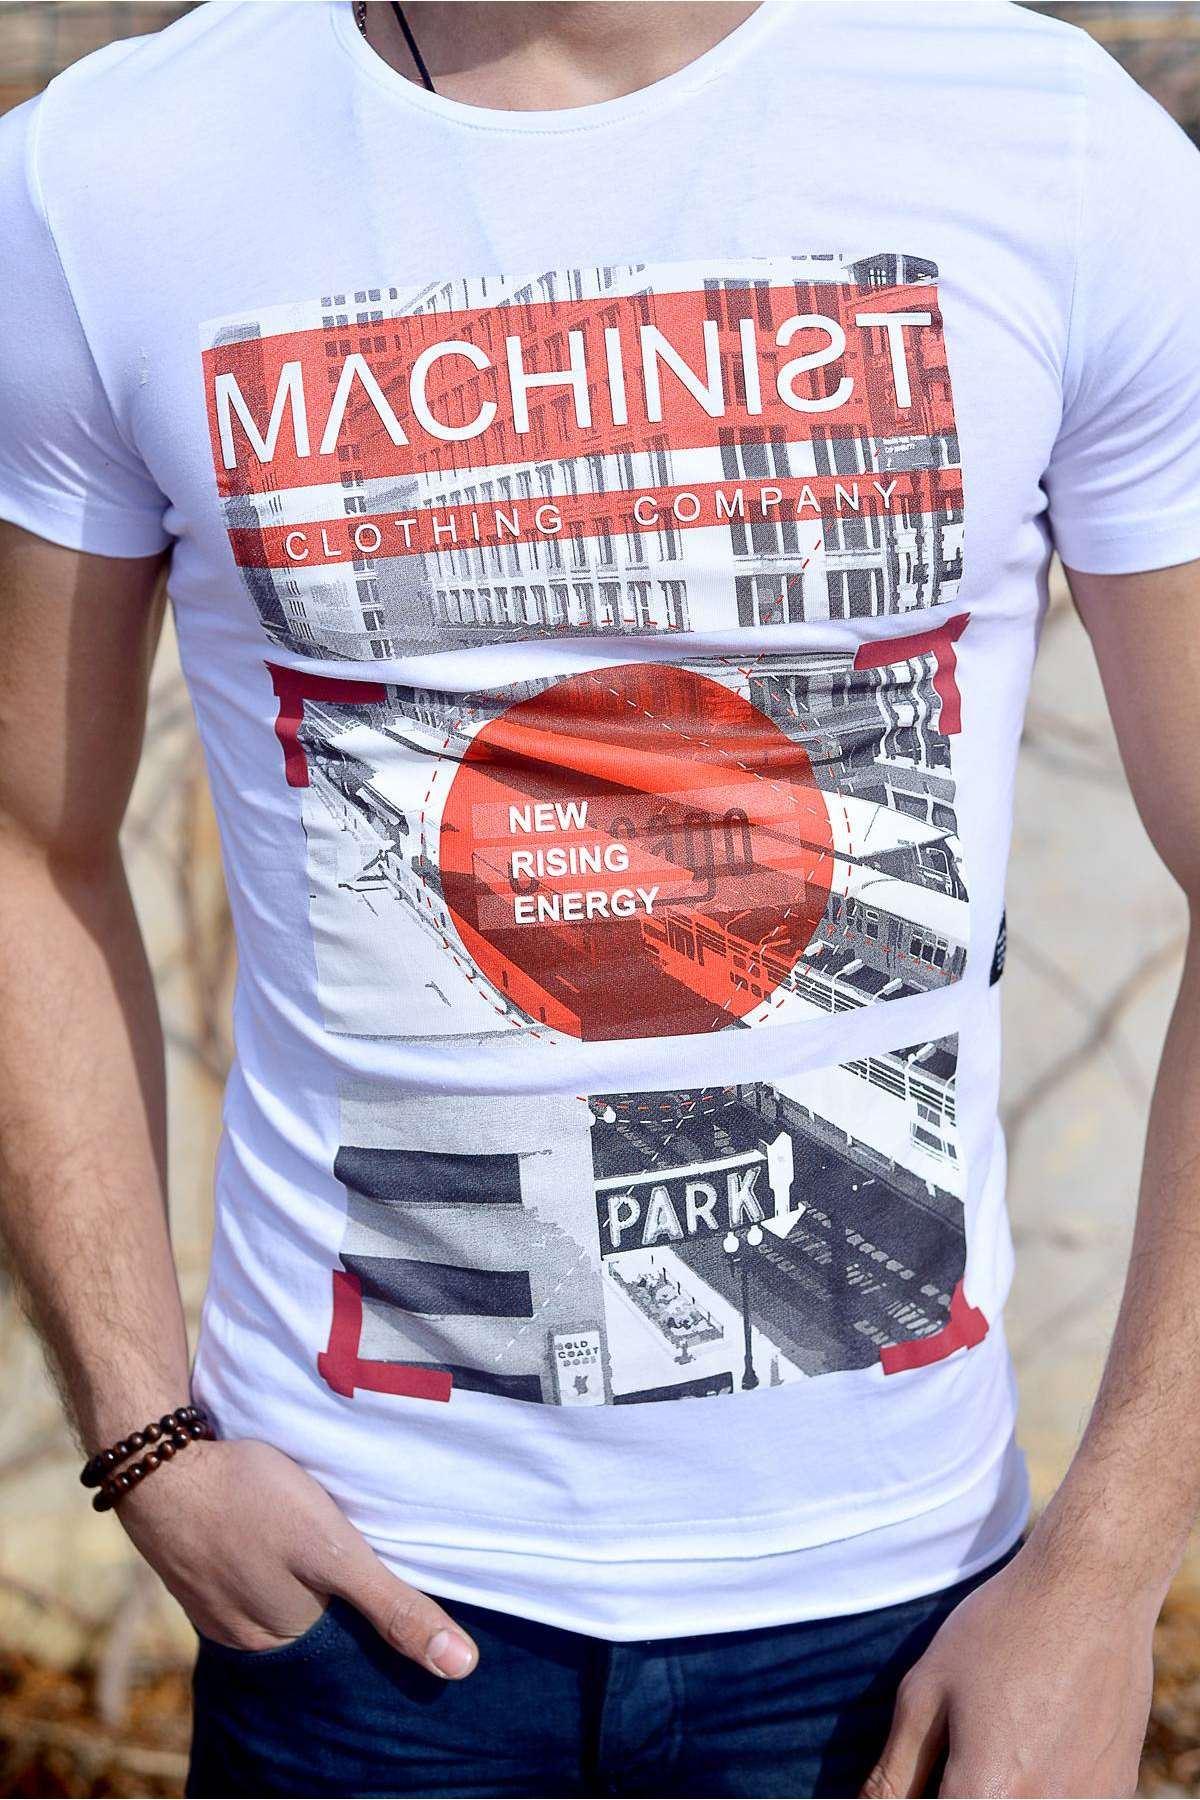 Önü Machinist Yazılı Resim Baskılı Tişört Beyaz